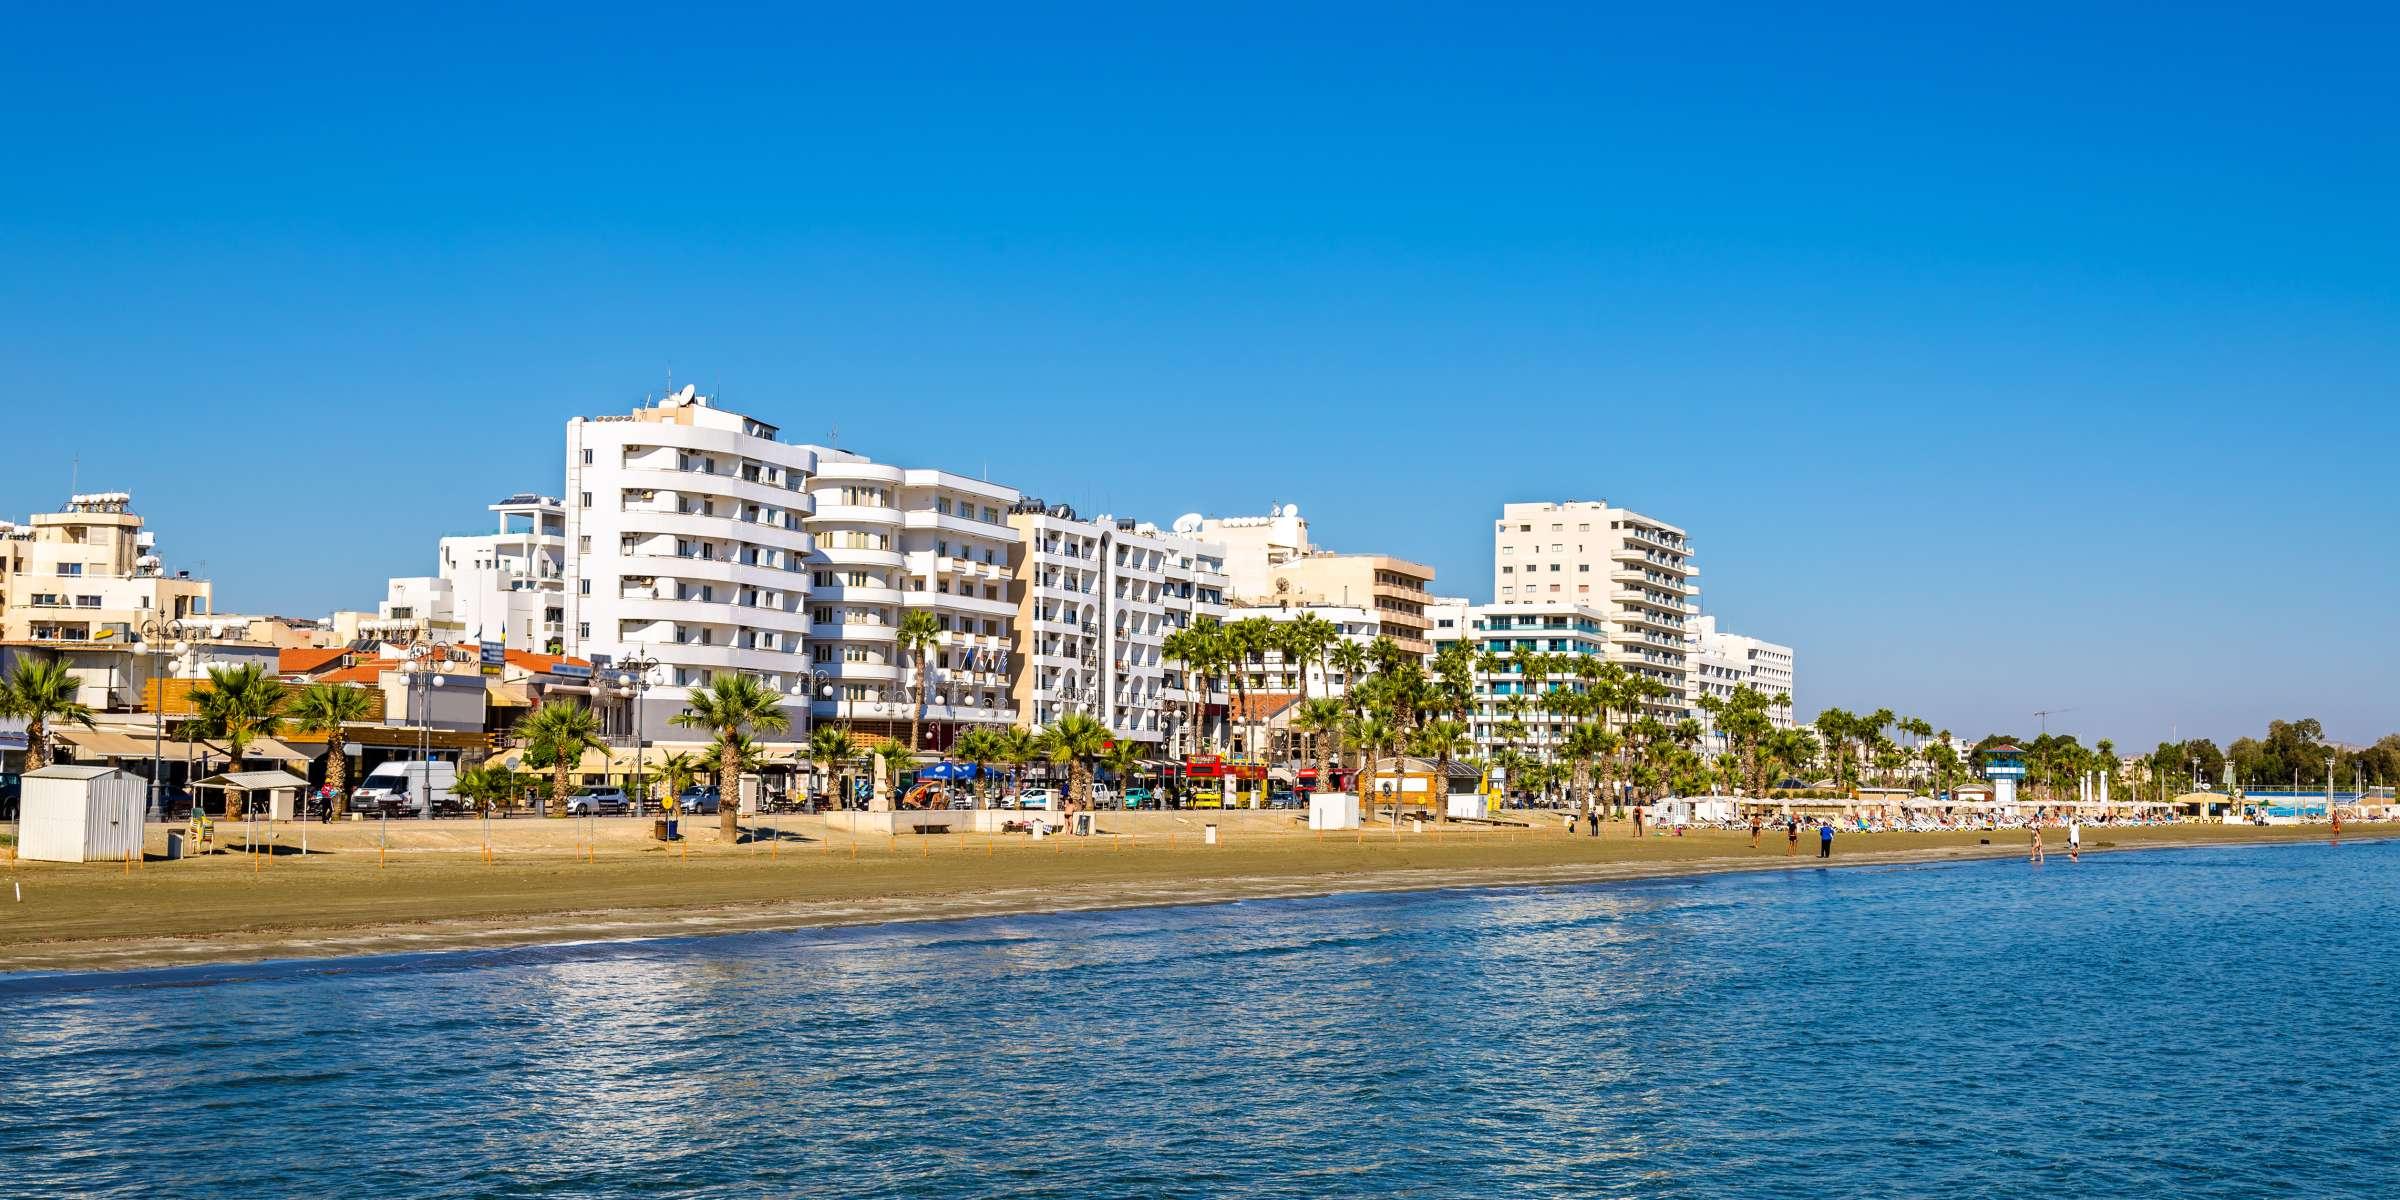 Hotel Deals Resort Specials Including Room Discounts